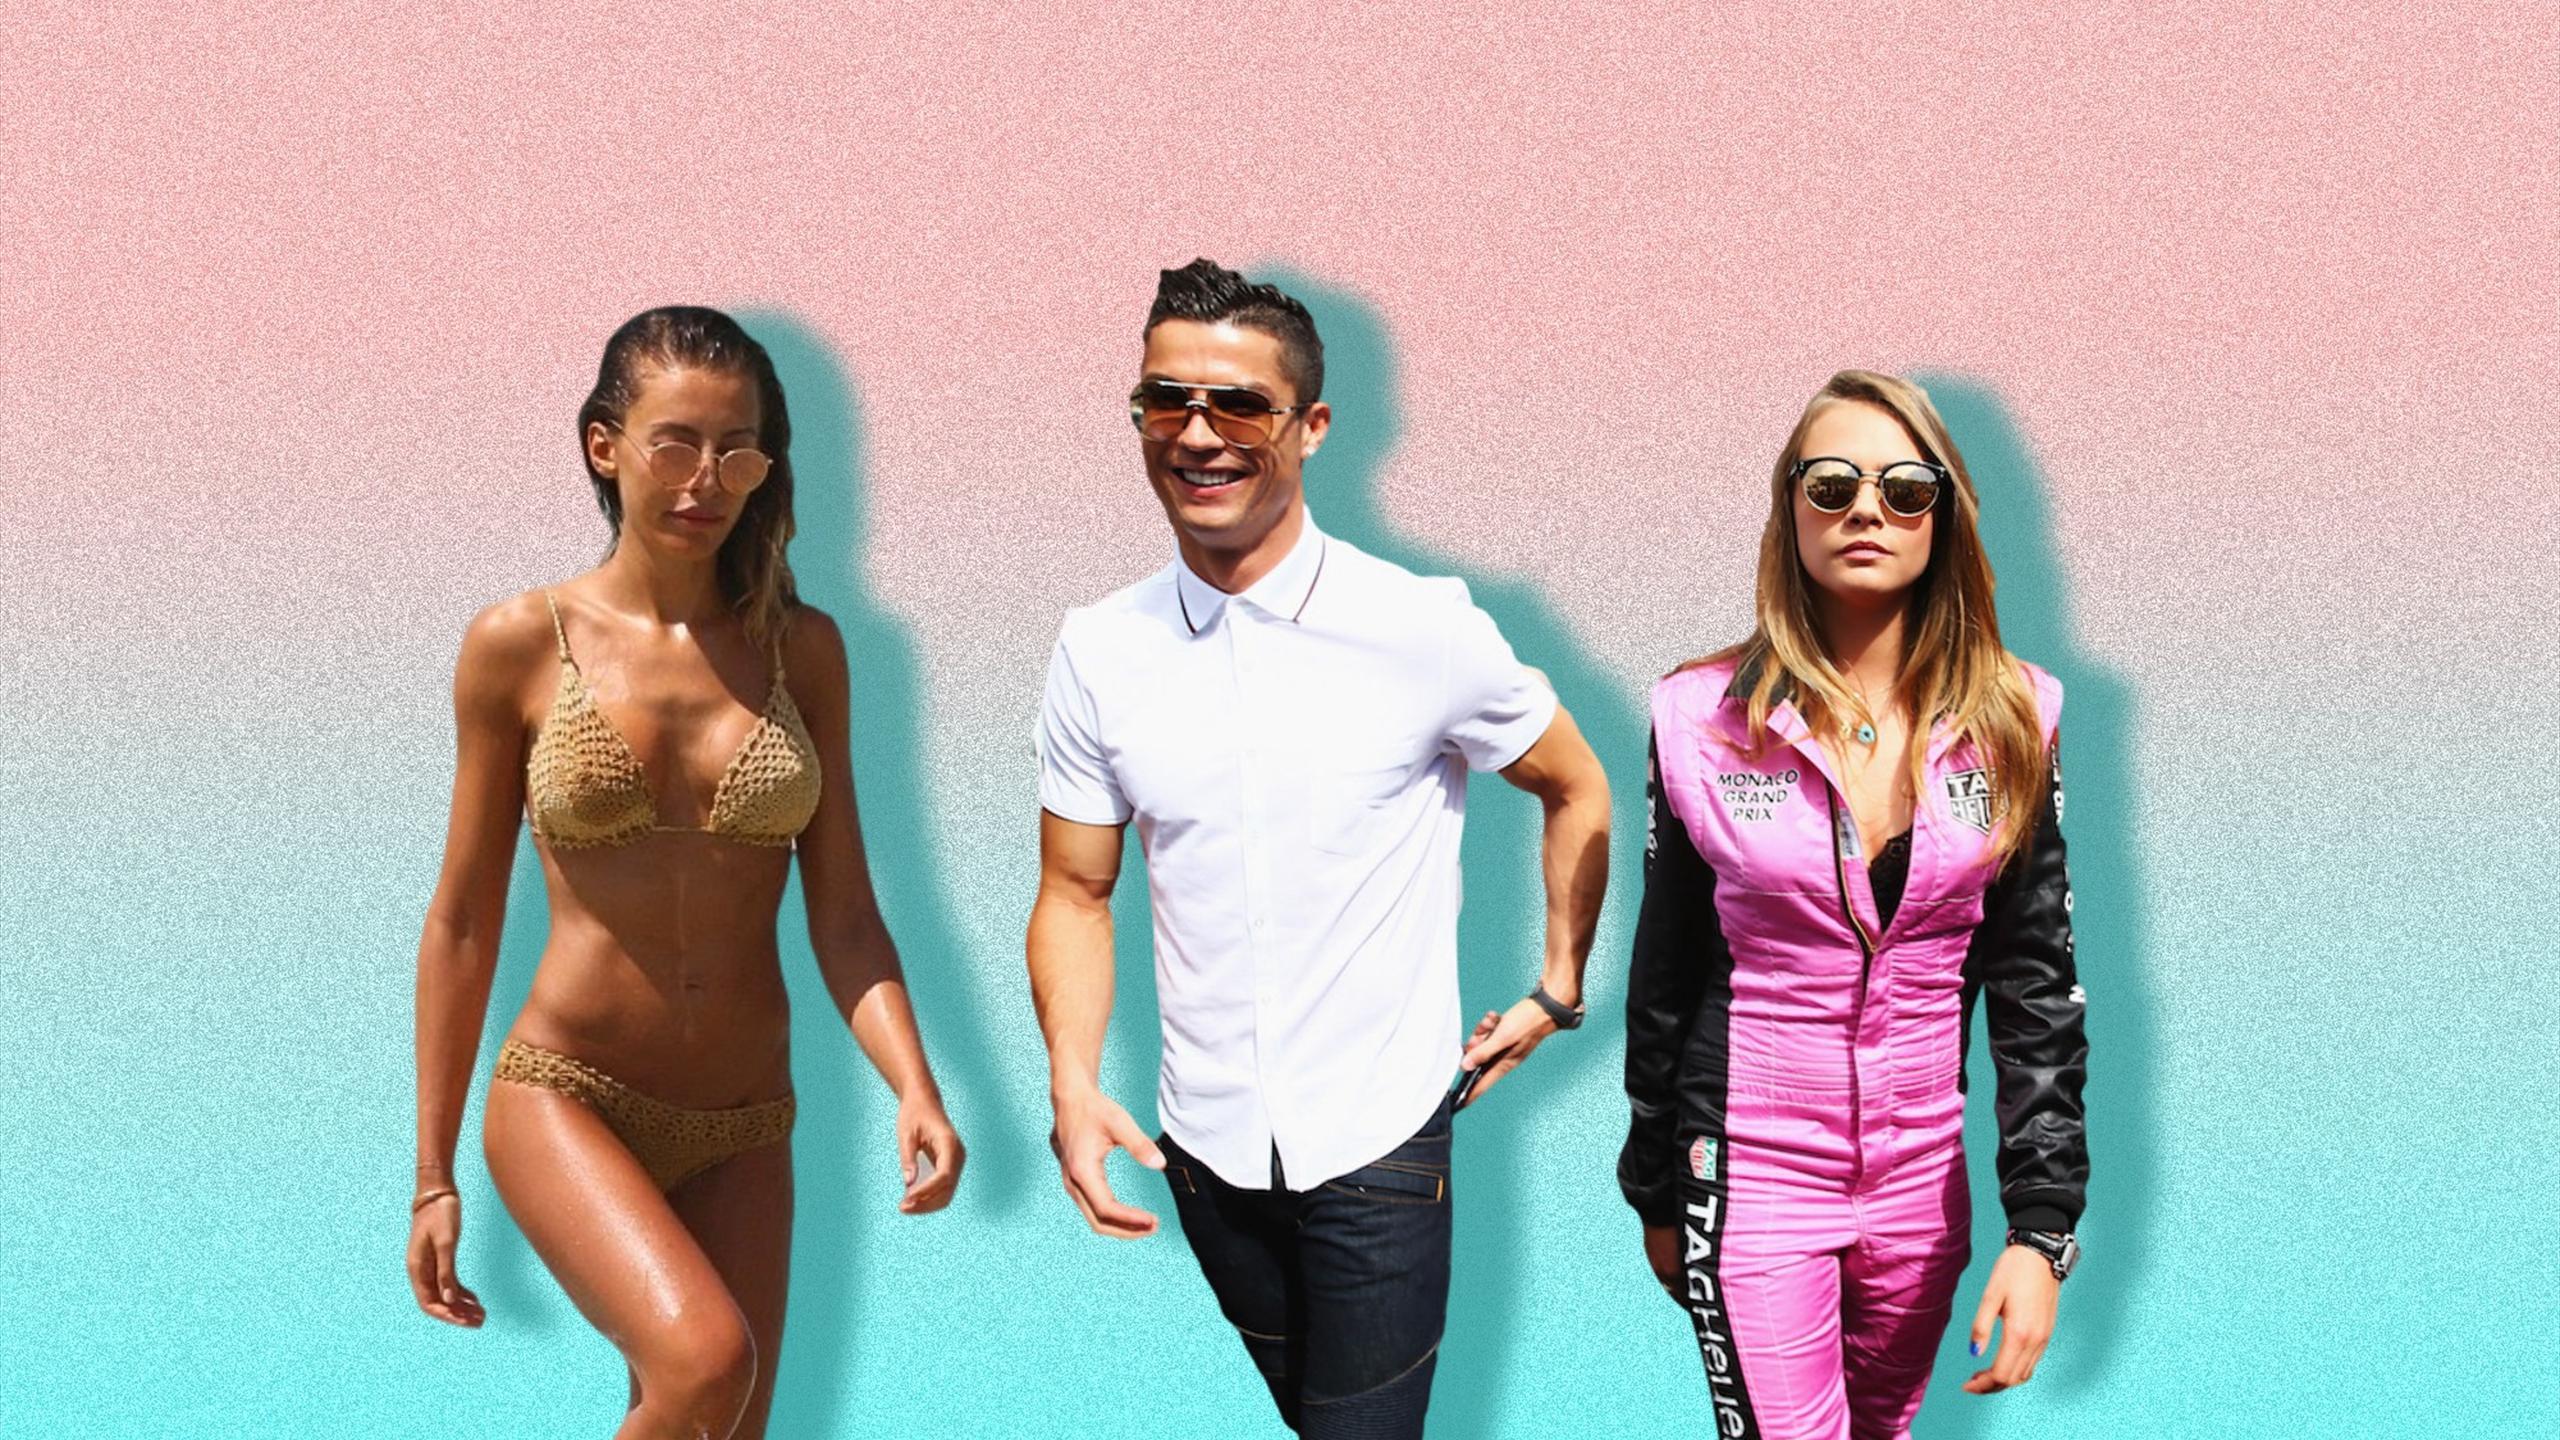 Биография девушек из команды керлинга видео фото голыми